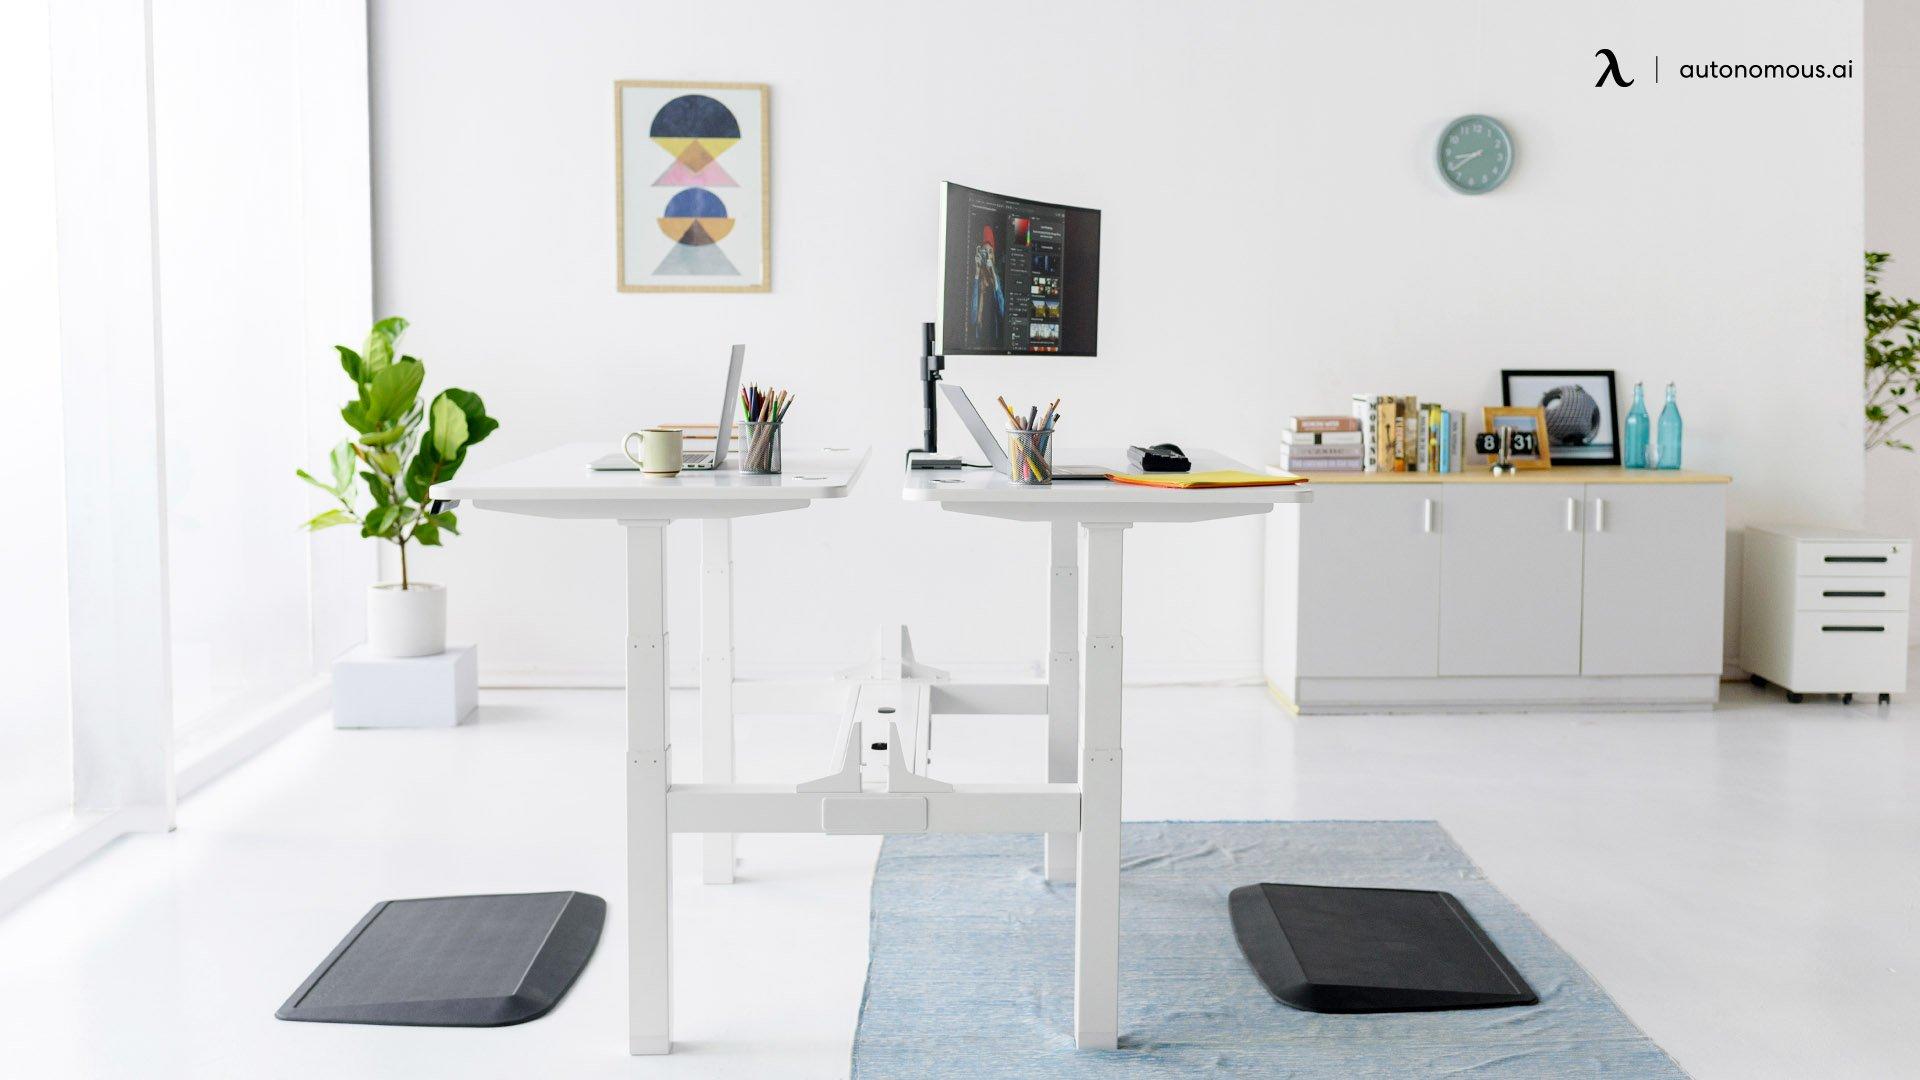 Adjustable furniture